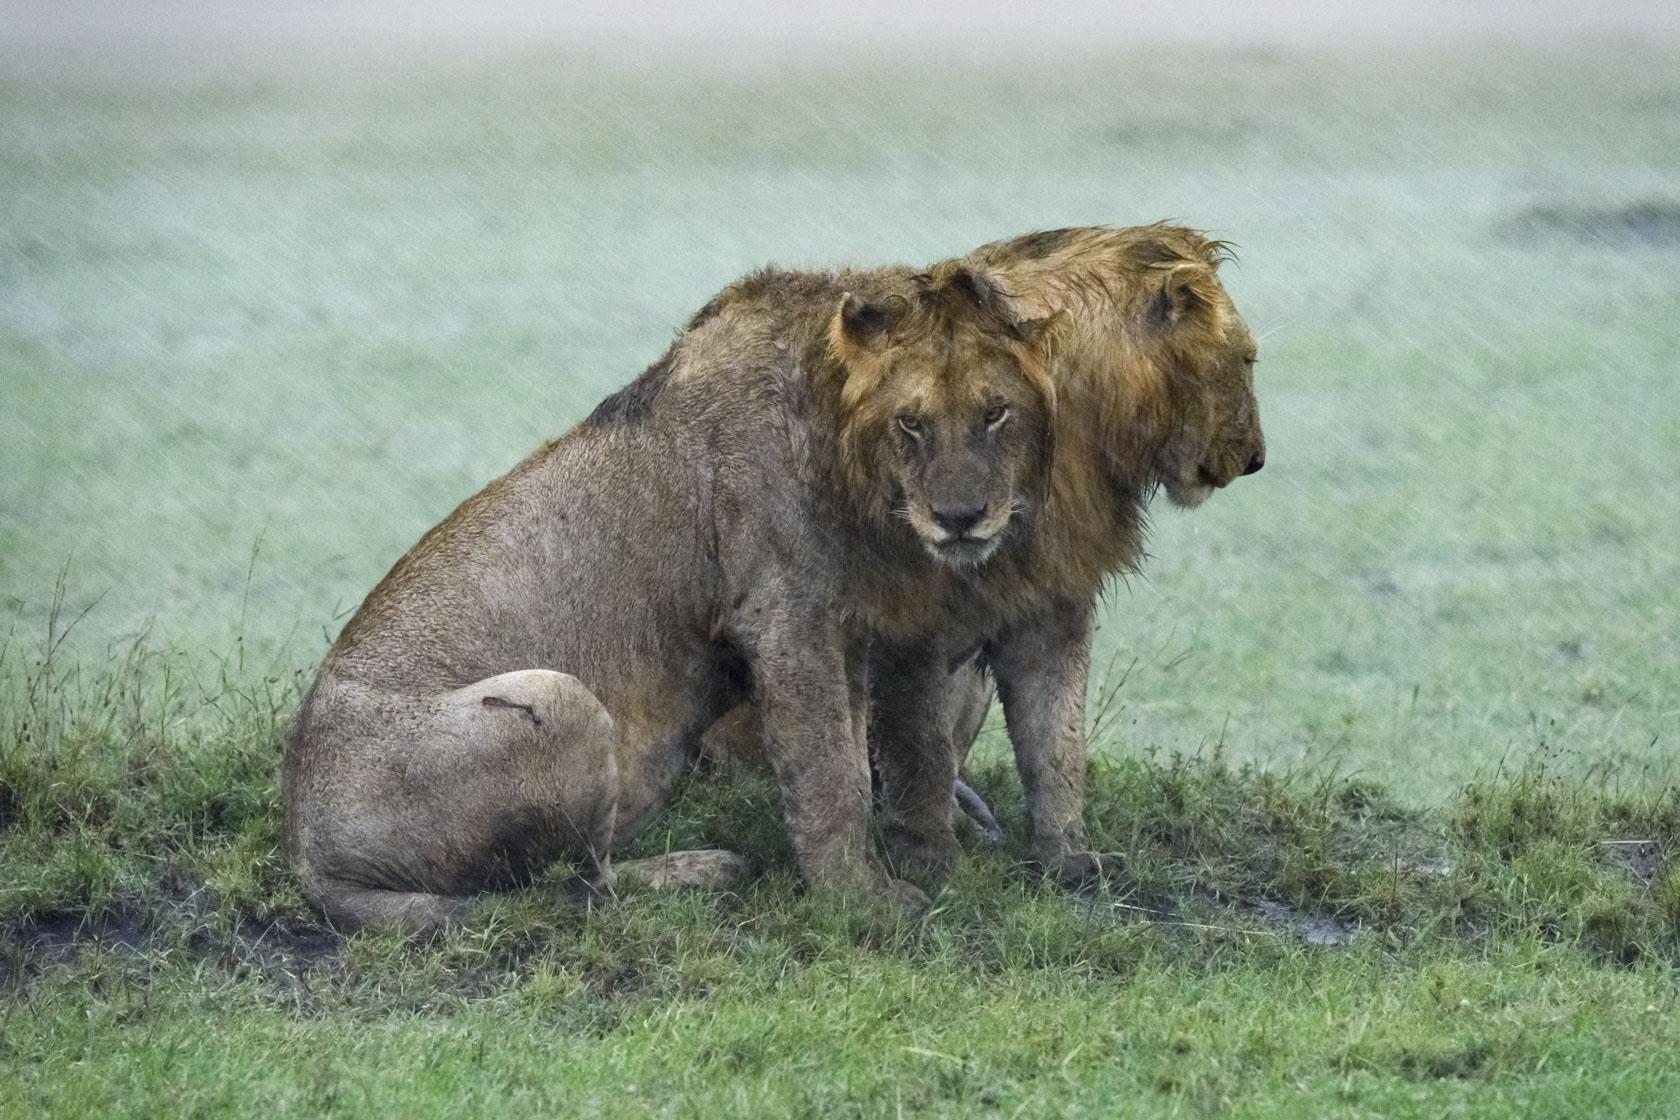 Die Löwen scheinen auch nicht wirklich amüsiert von diesem Wetter zu sein